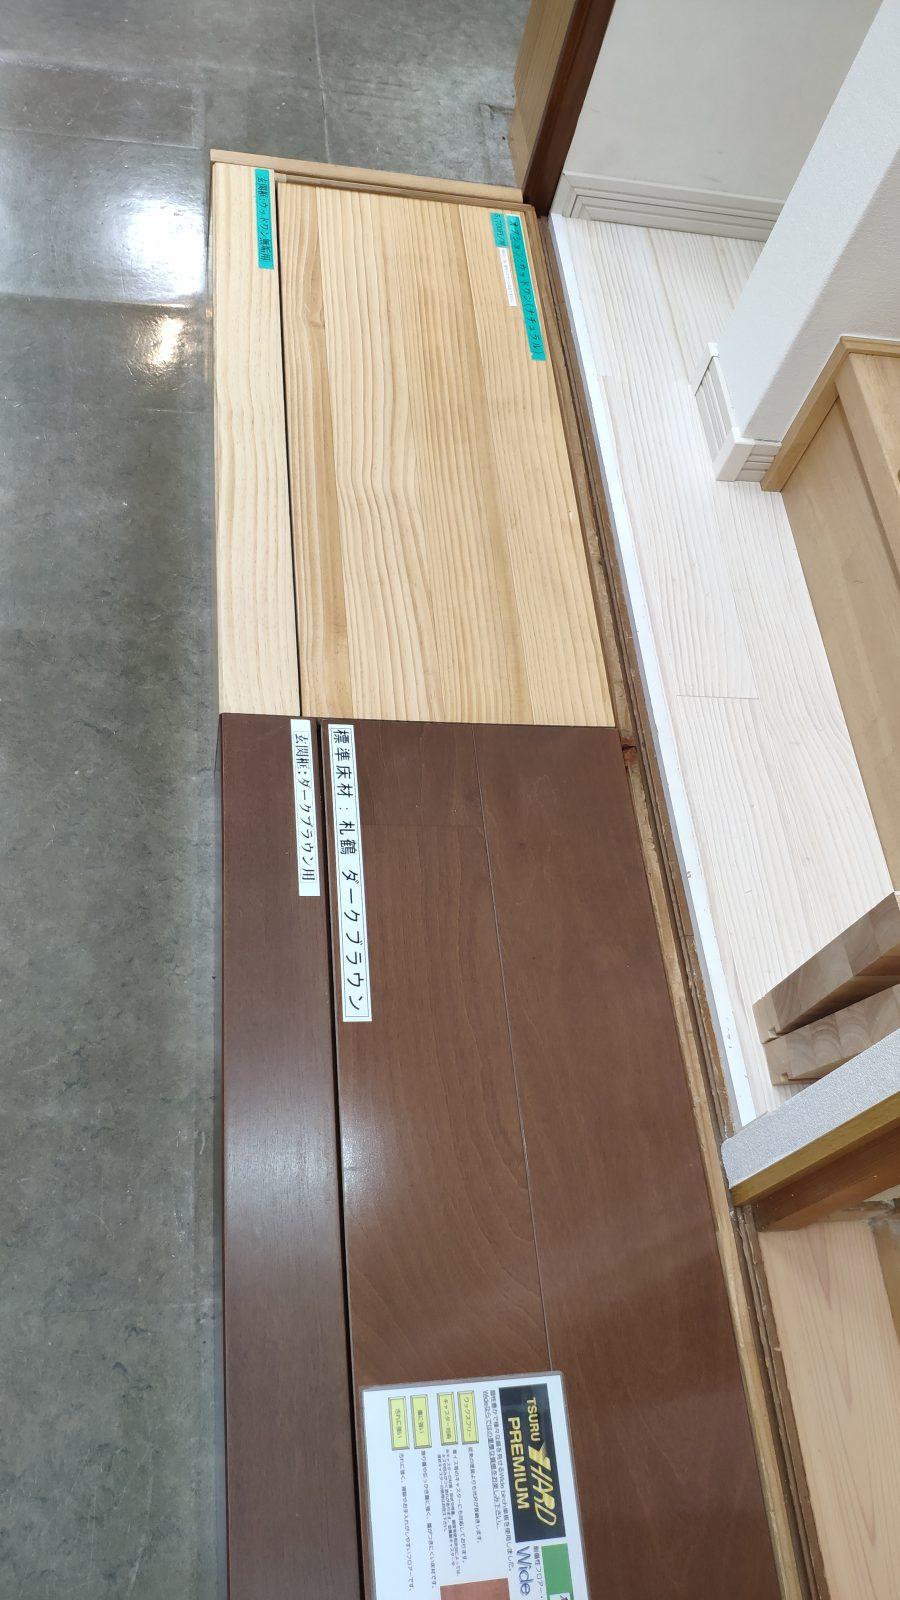 上:ウッドワンピノアース(無垢)、下:札鶴ダークブラウン(突板)